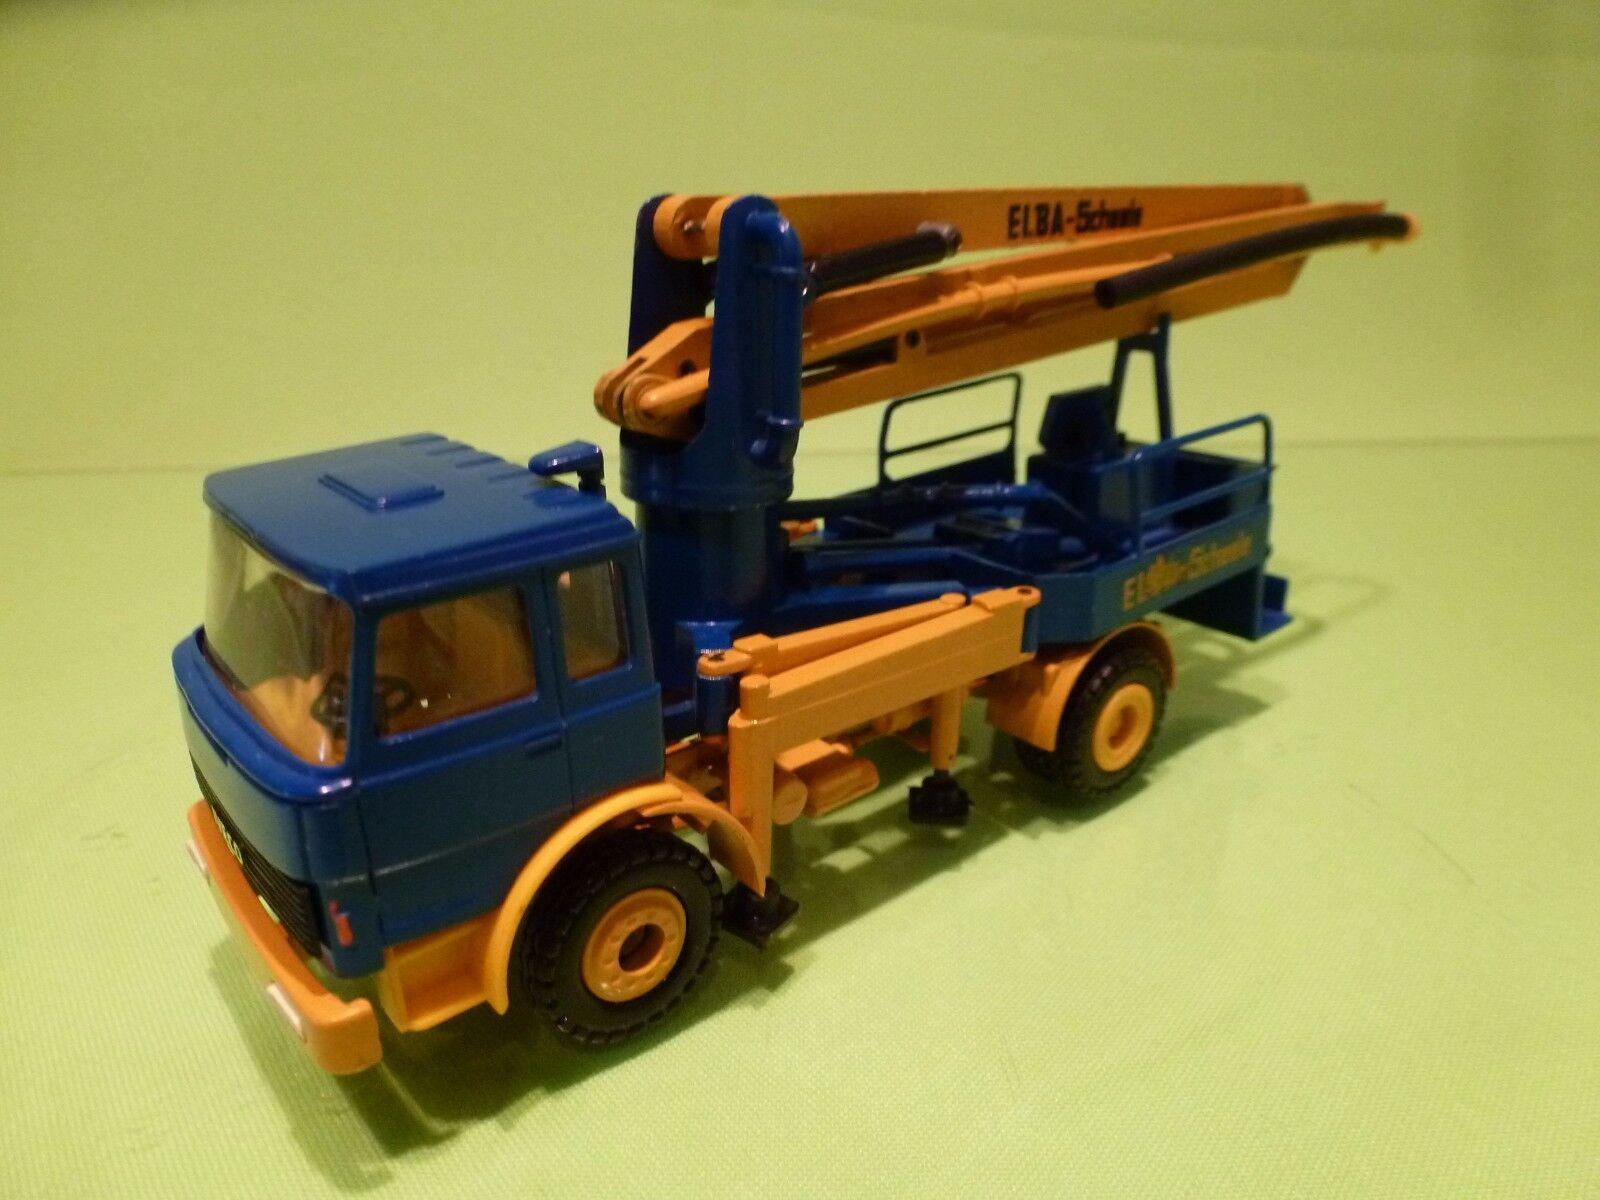 CONRAD IVECO TRUCK - ELBA SCHEELE - CONCRETE BETONPOMPA  - azul 1 50 - GC